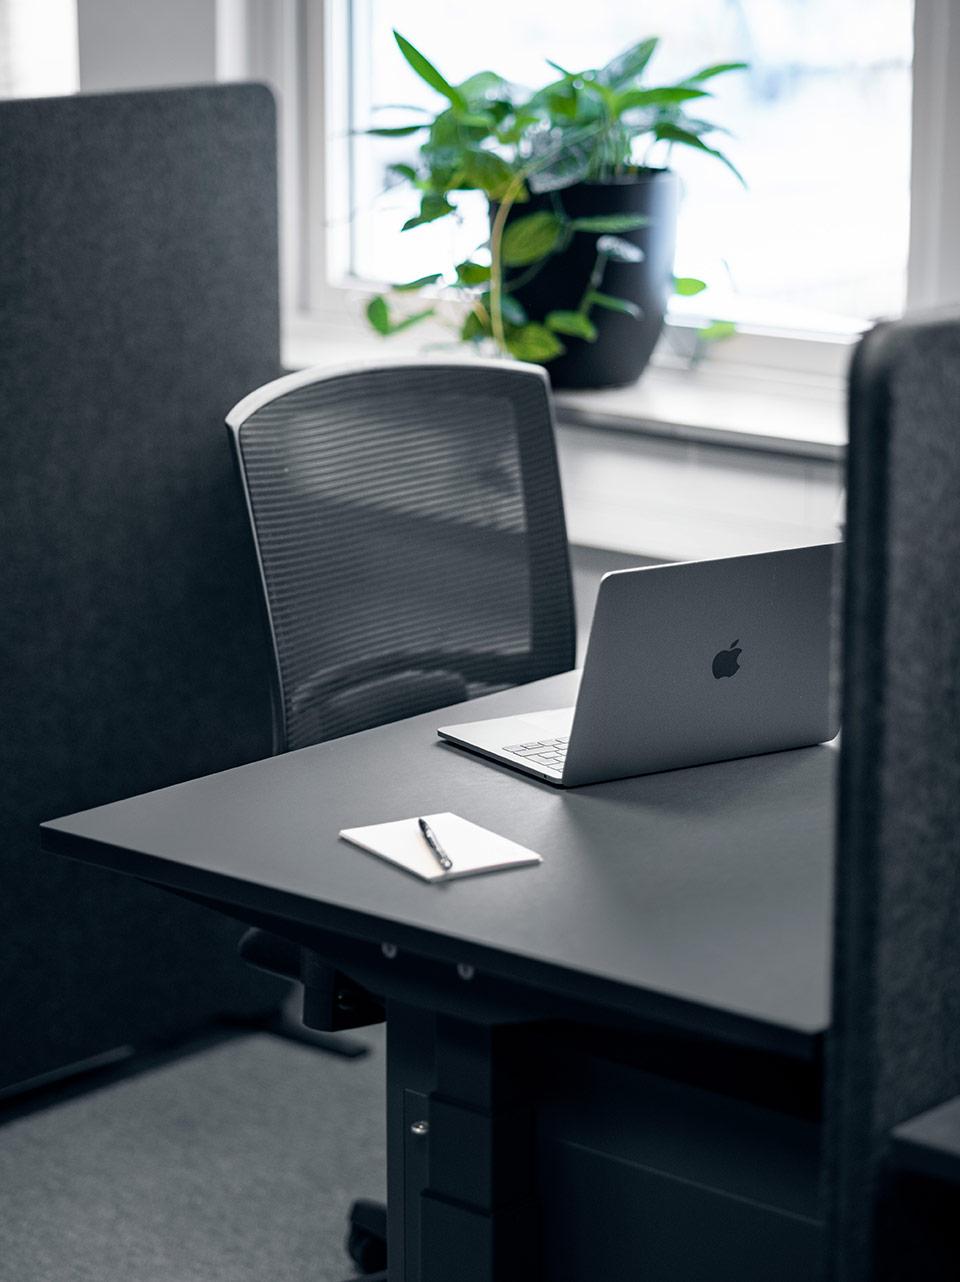 Arbetsplats stol och bord svart Heima kontorshotell